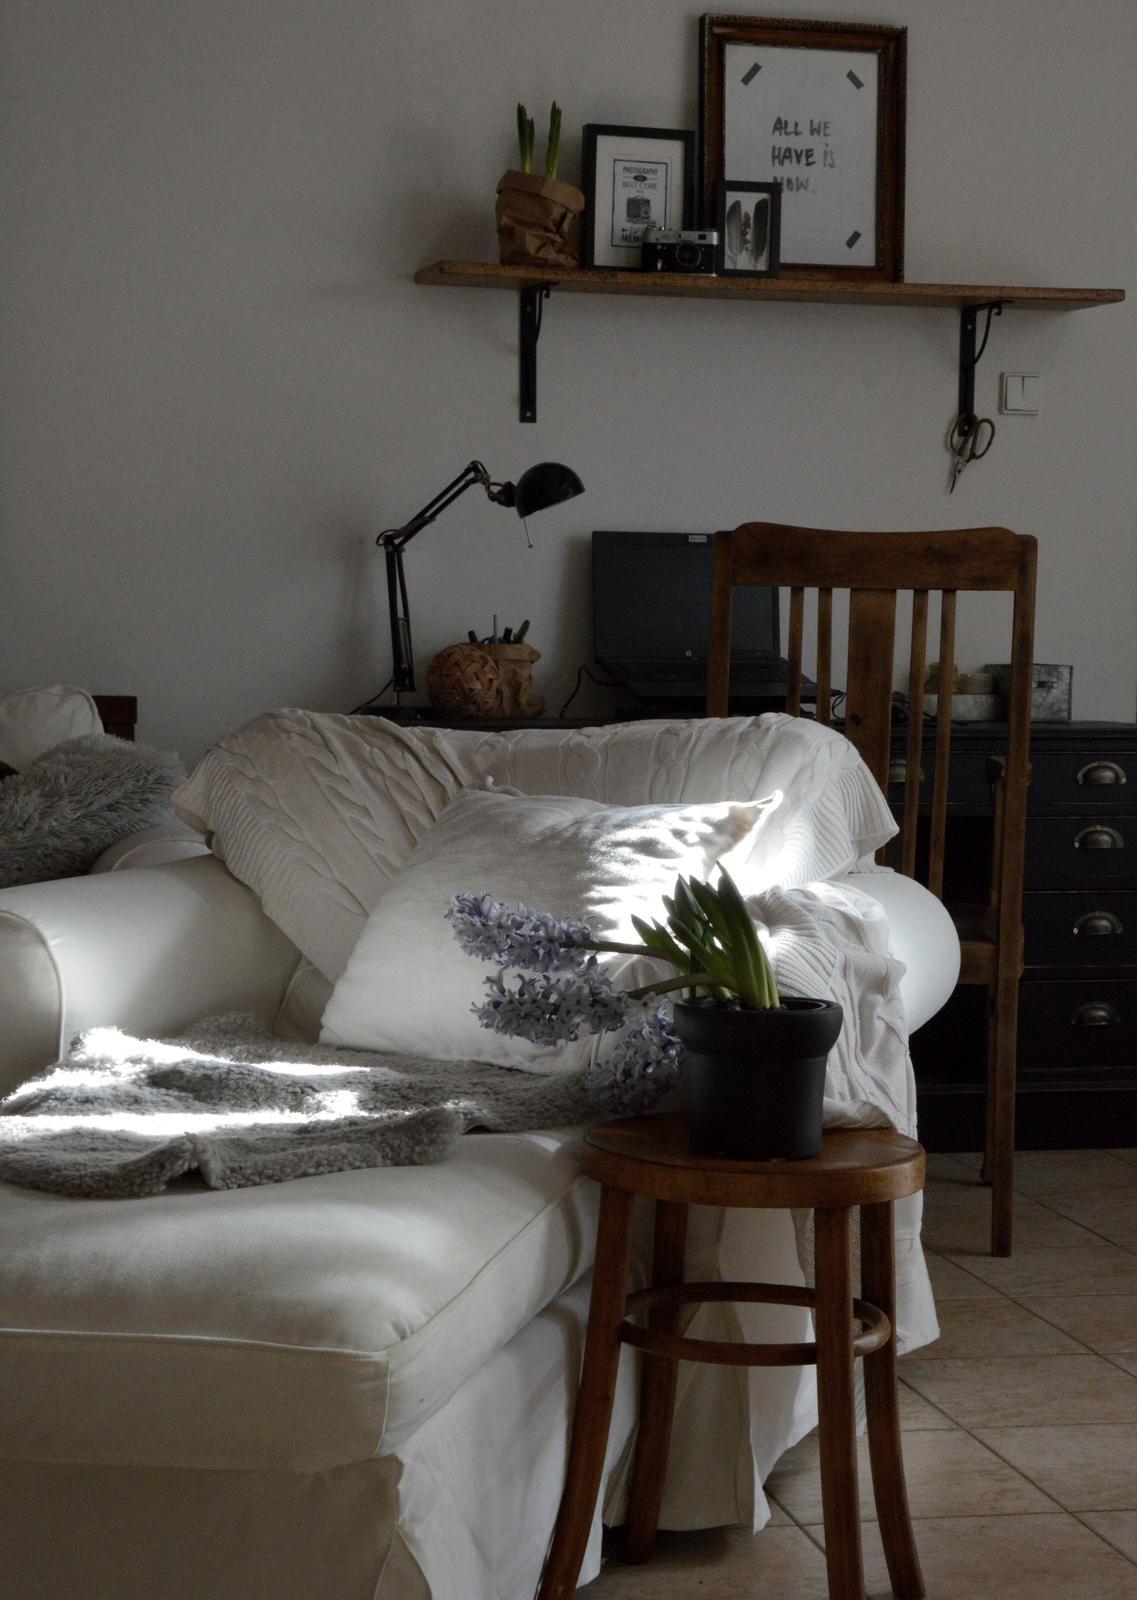 Home sweet home...... - ...peknú aj keď upršanú sobotu strecháči :-)